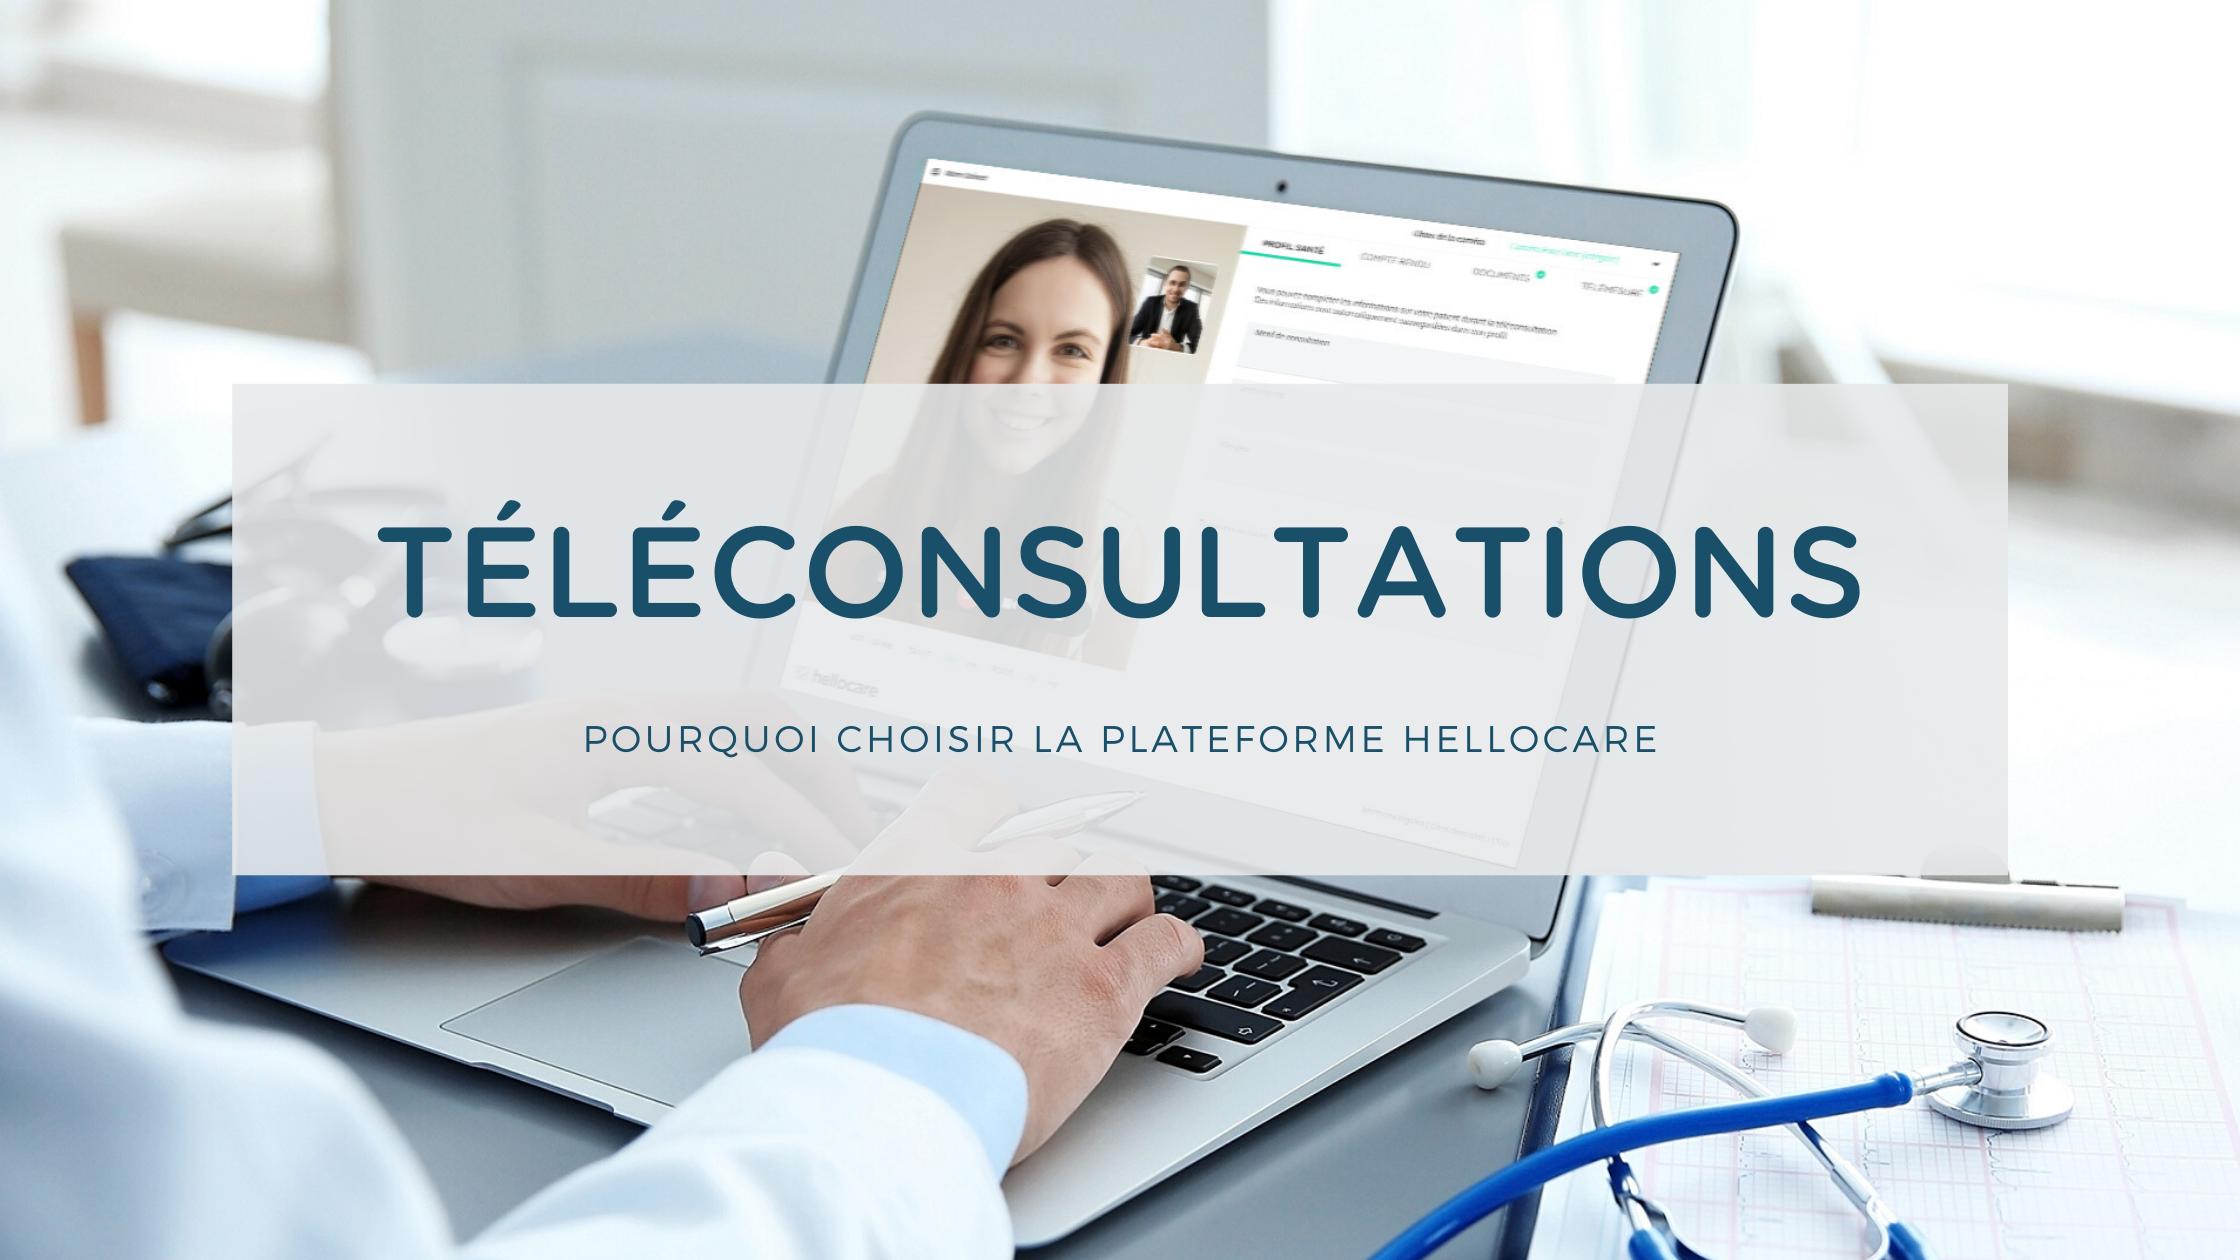 plateforme de téléconsultation Hellocare